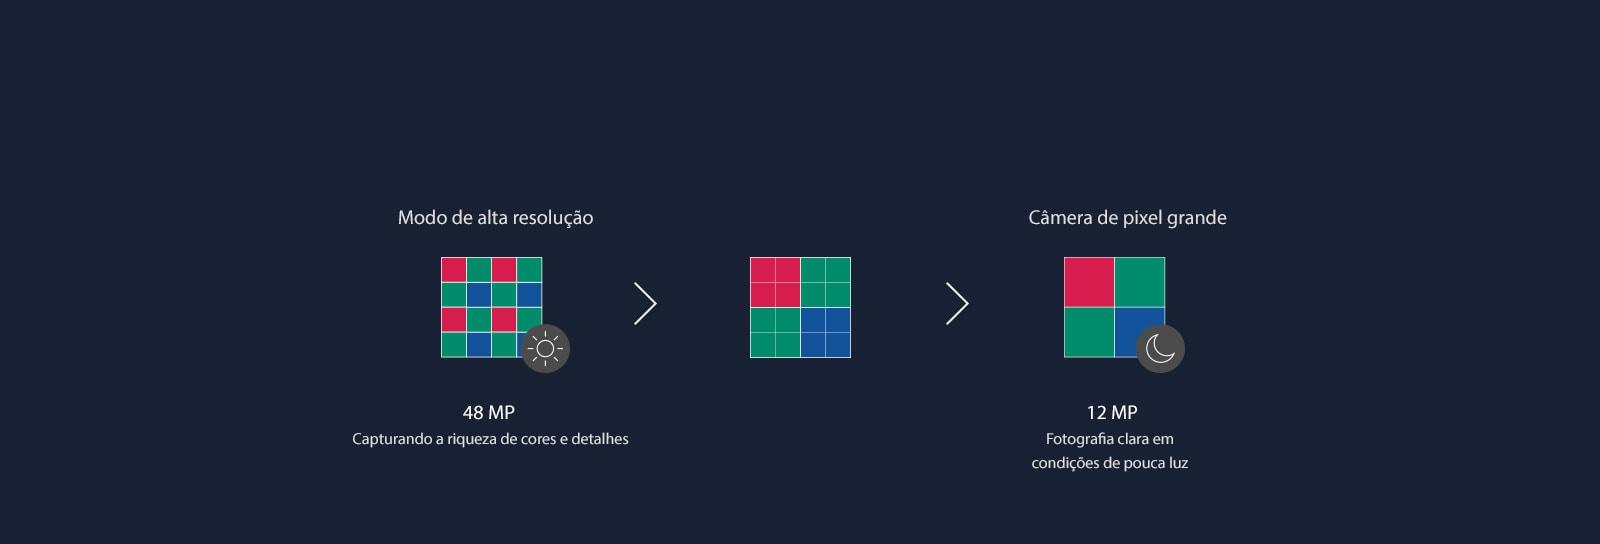 Diagrama mostrando as etapas nas quais 16 pixels da câmera se fundem em quatro